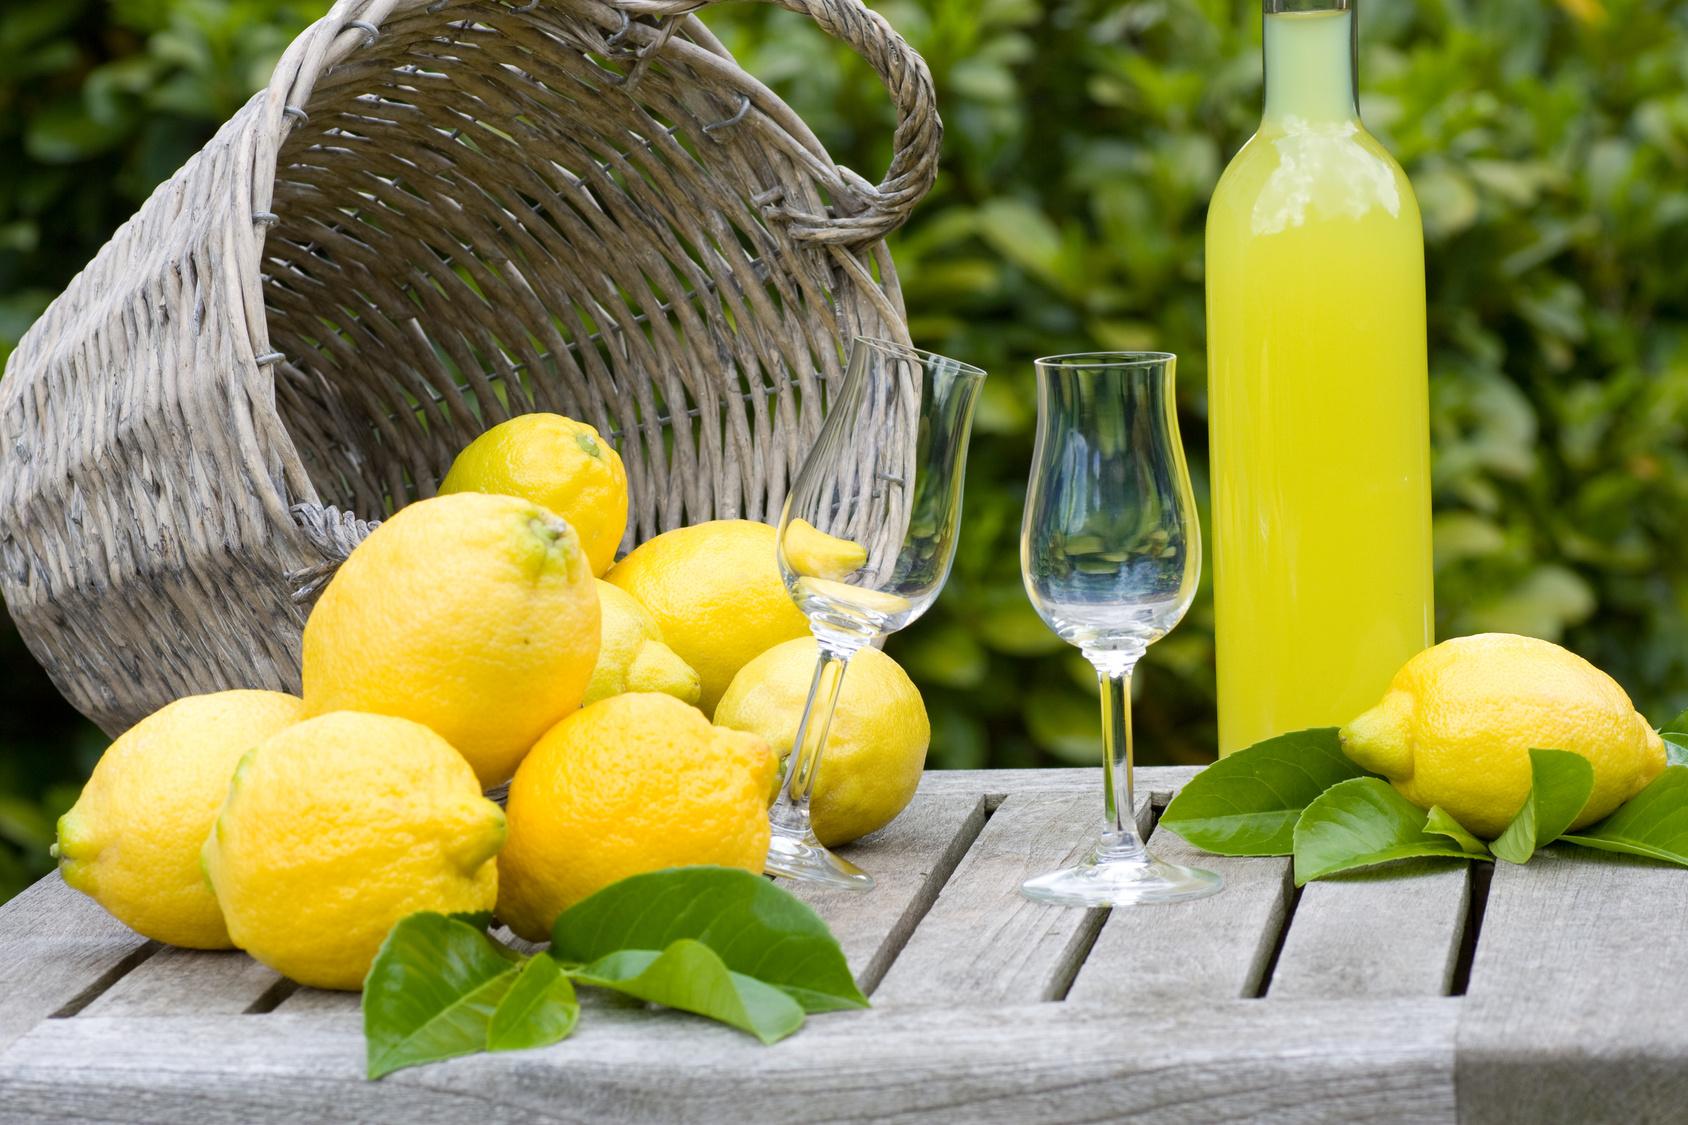 Un alleato in cucina e per la salute: il limone di Sorrento